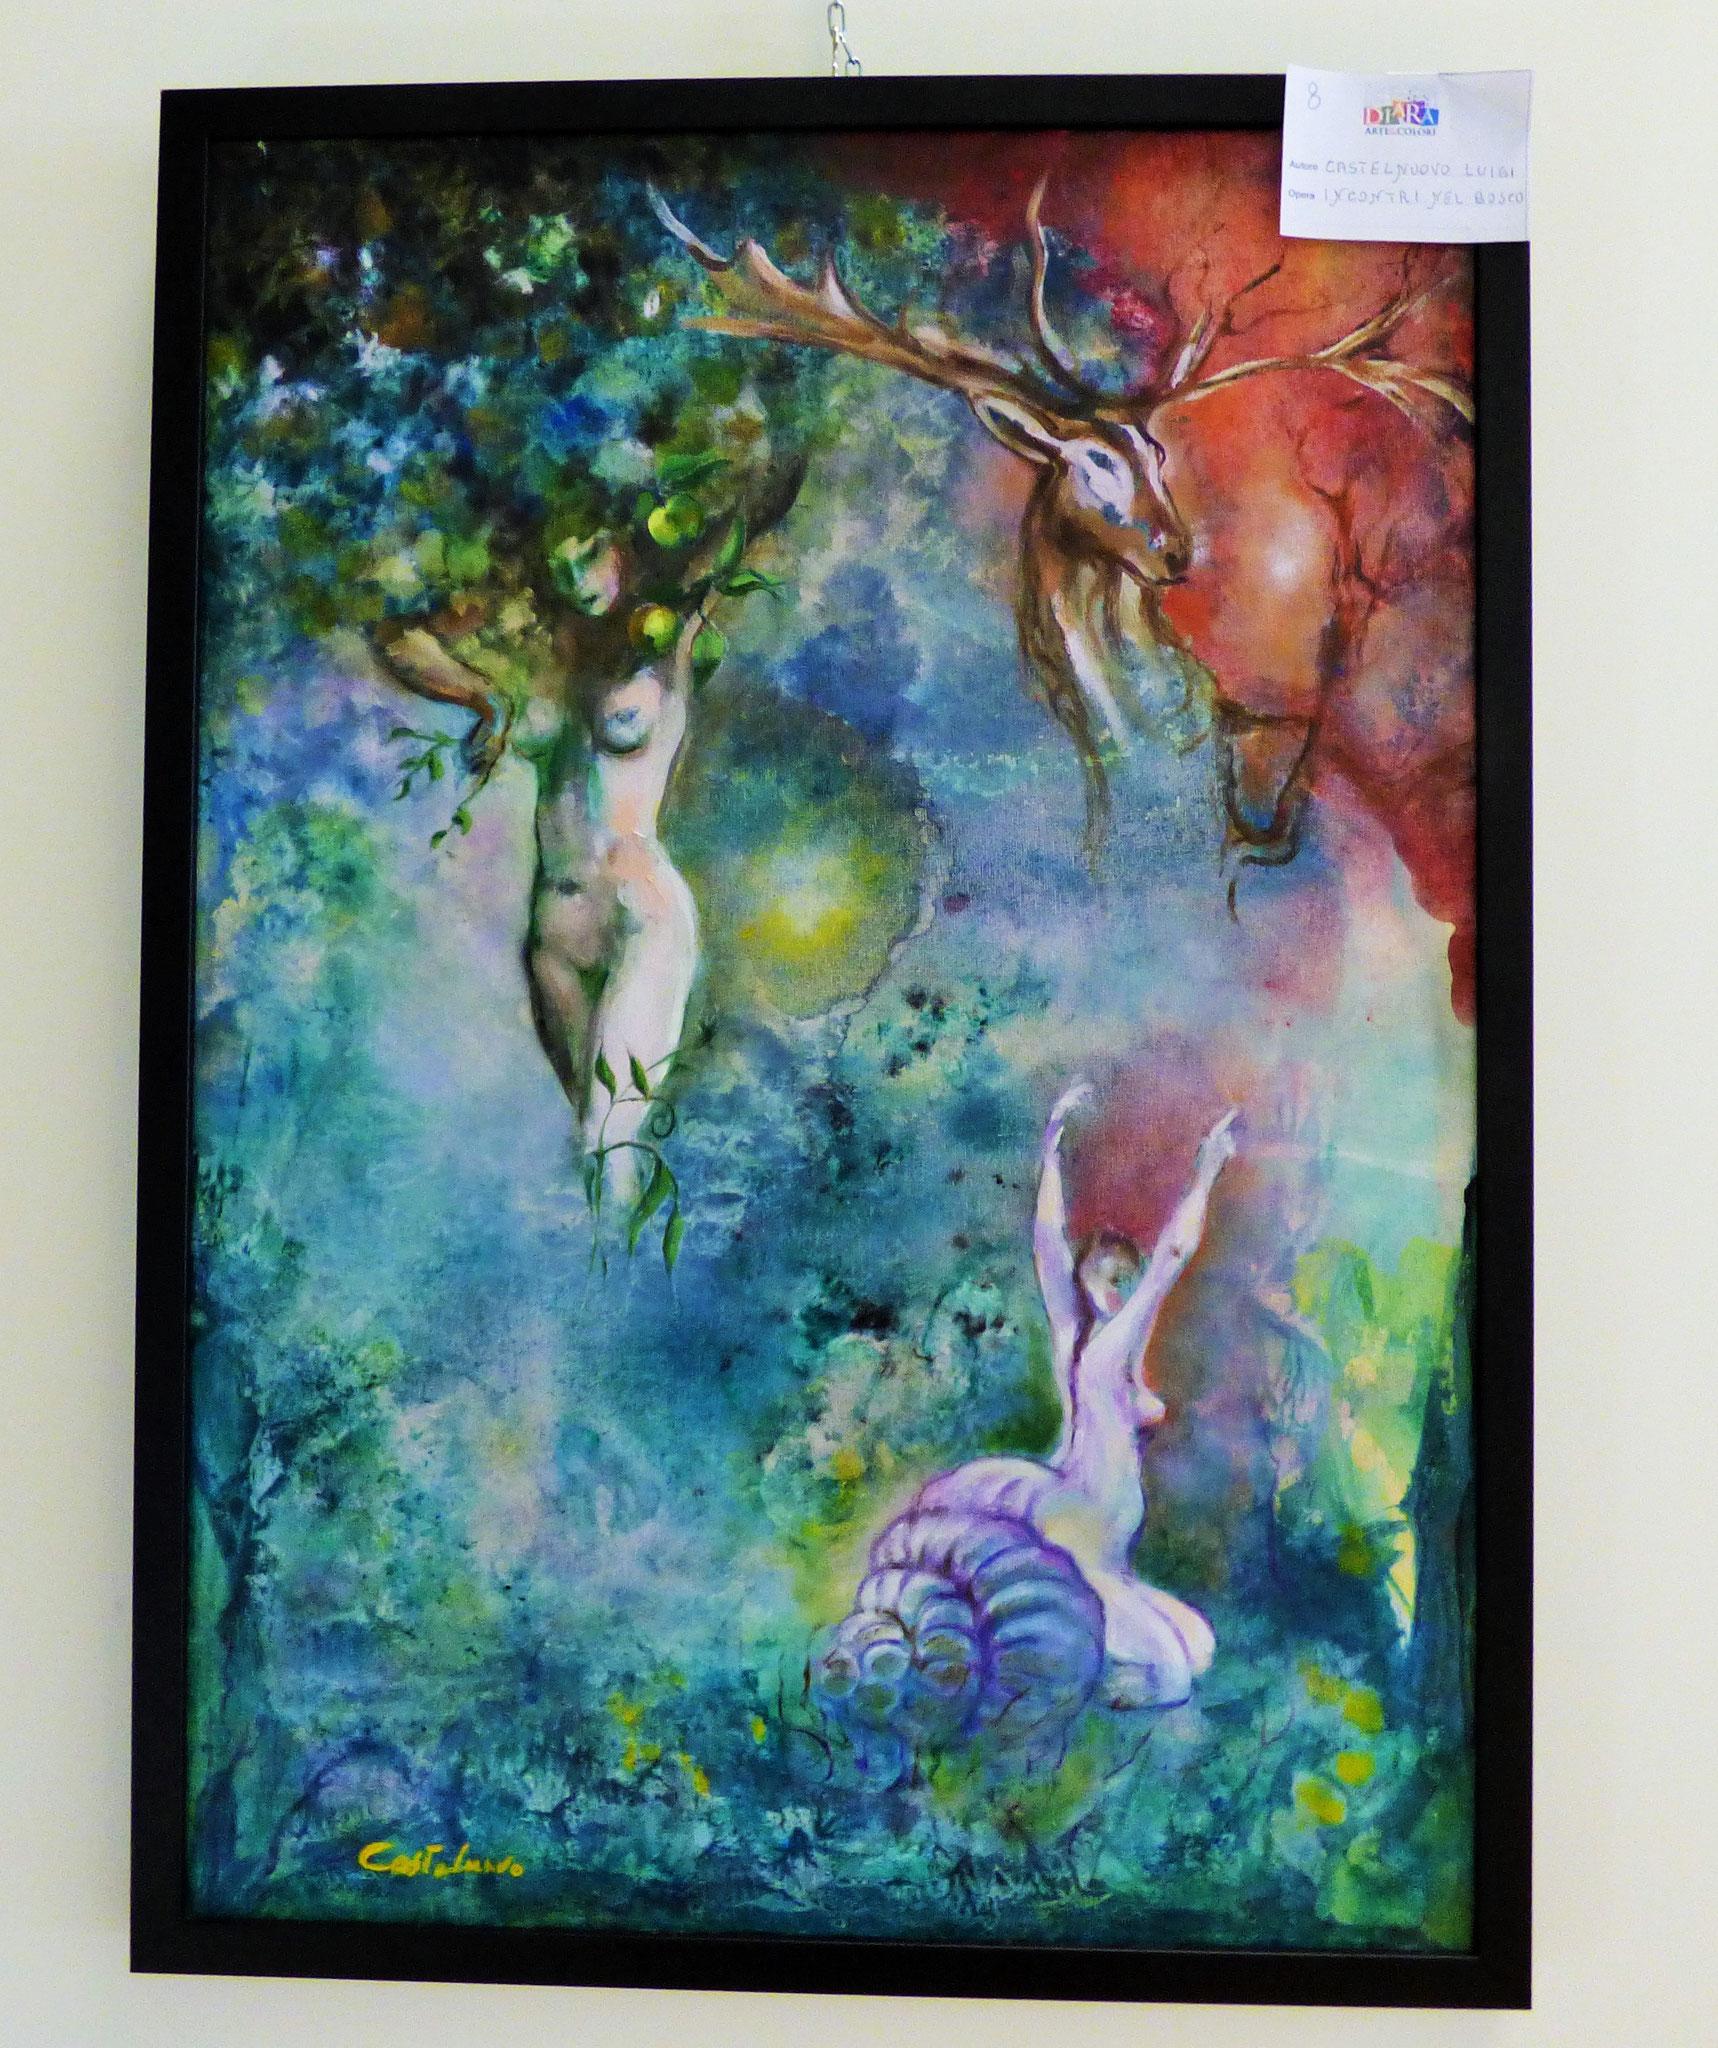 Rivergaro: DIARA Arte & Colori - IV concorso di Pittura ed.2018 - Castelnuovo Luigi - Incontri nel Bosco